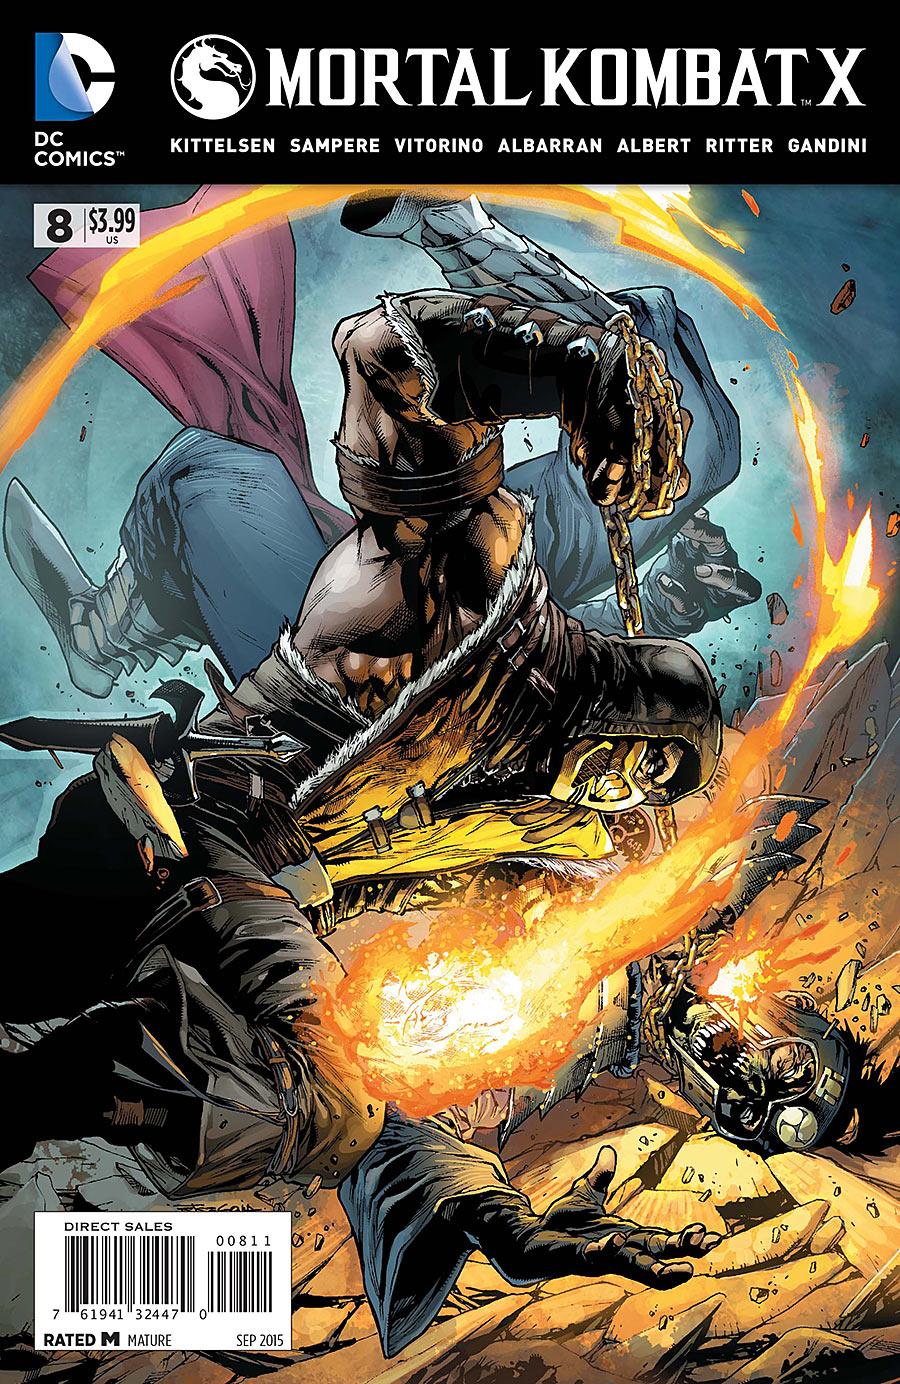 Mortal Kombat Online: Mortal Kombat X Issue 8